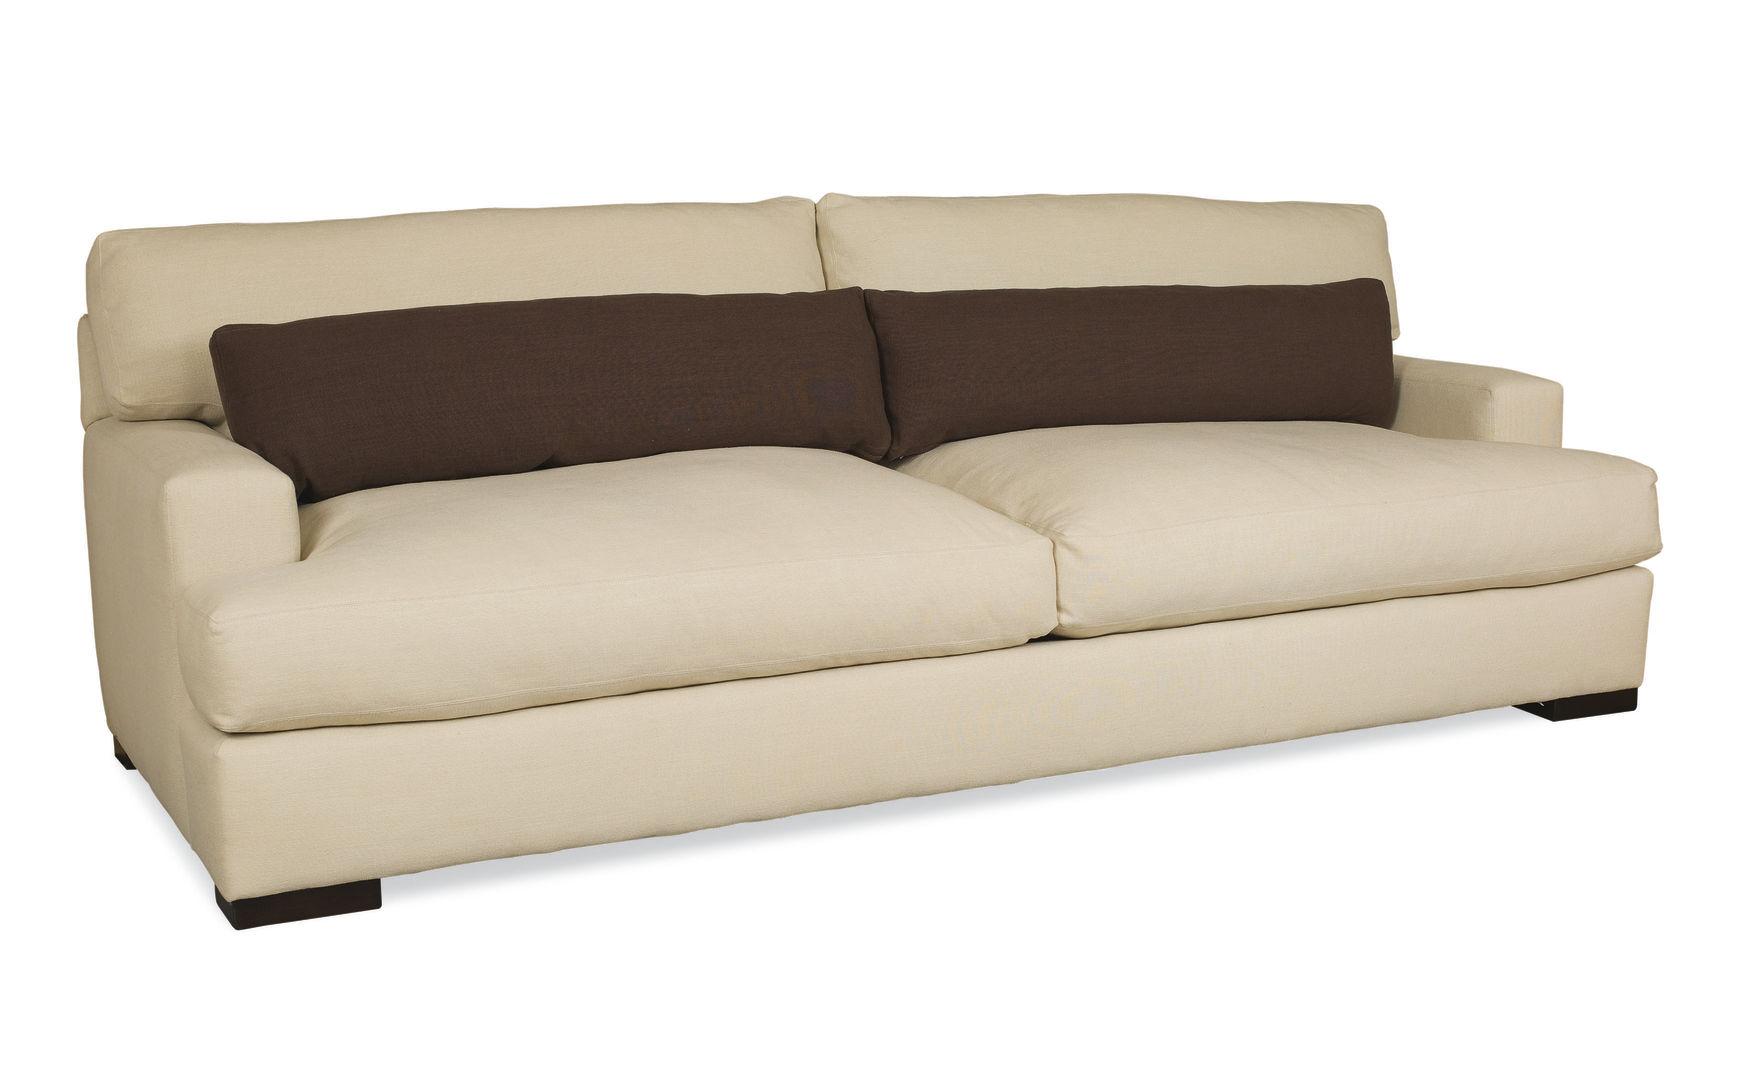 deep sofa depth menlo park